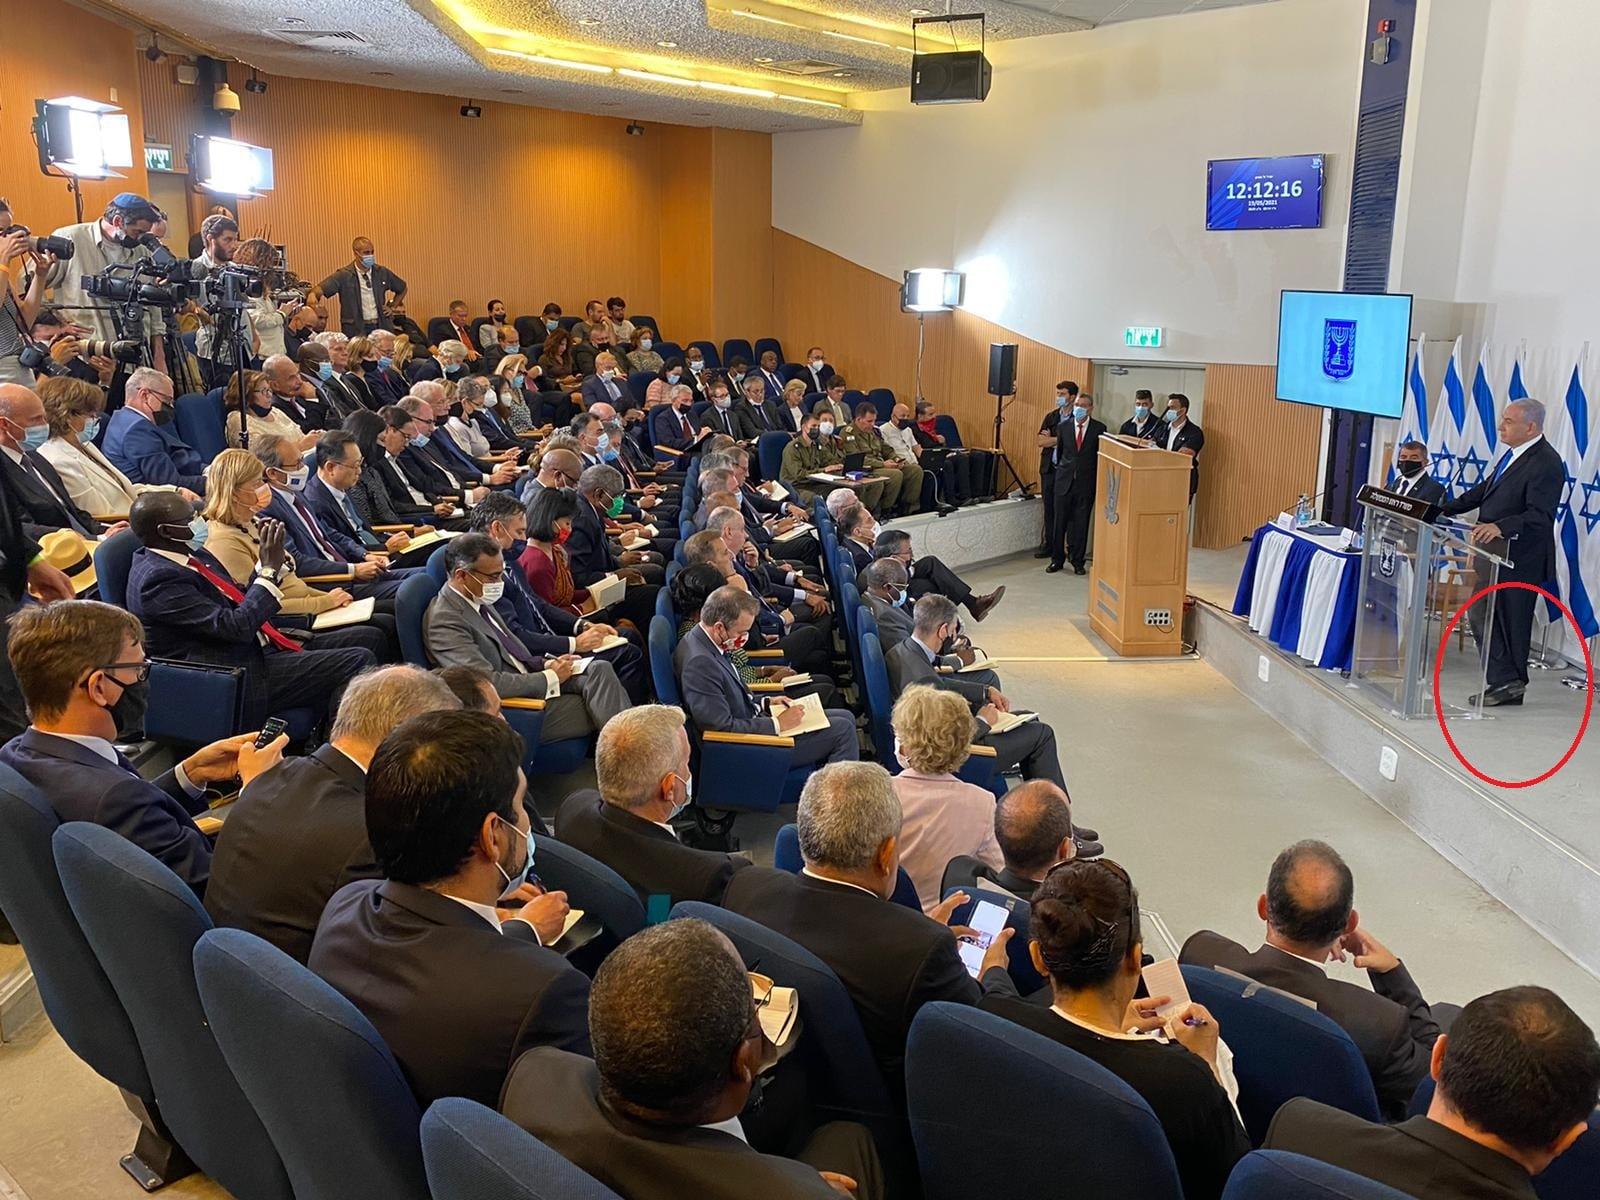 سخرية واسعة من نتنياهو بعدما ظهر يقف على رجل واحدة خلال مؤتمر مع 70 سفيراً ودبلوماسياً